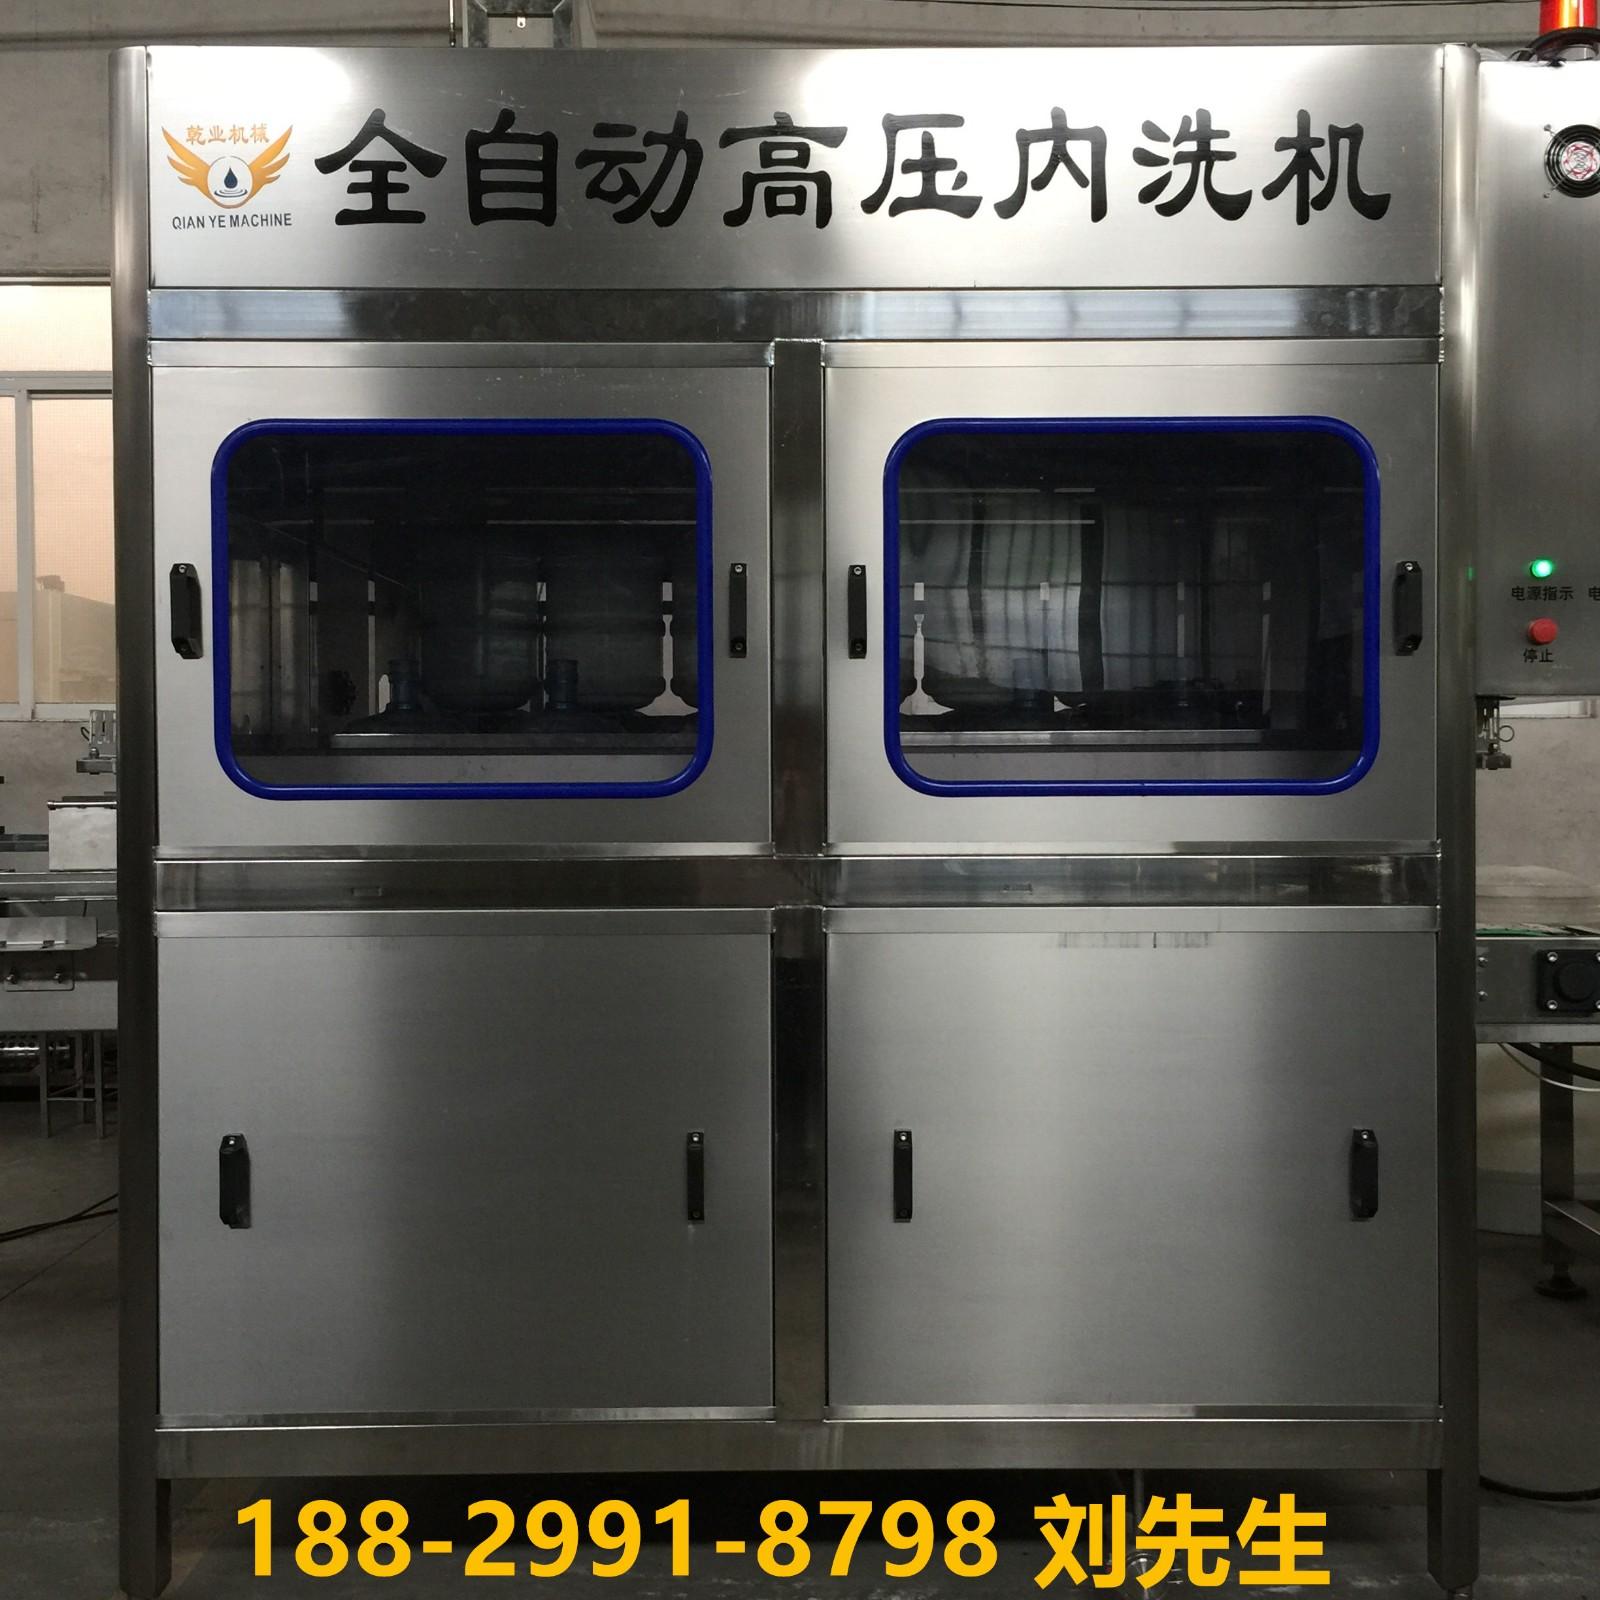 桶装水全自动高压内洗机 椰树大桶矿泉水生产线指定清洗工艺 工作压力100至150公斤-可定制